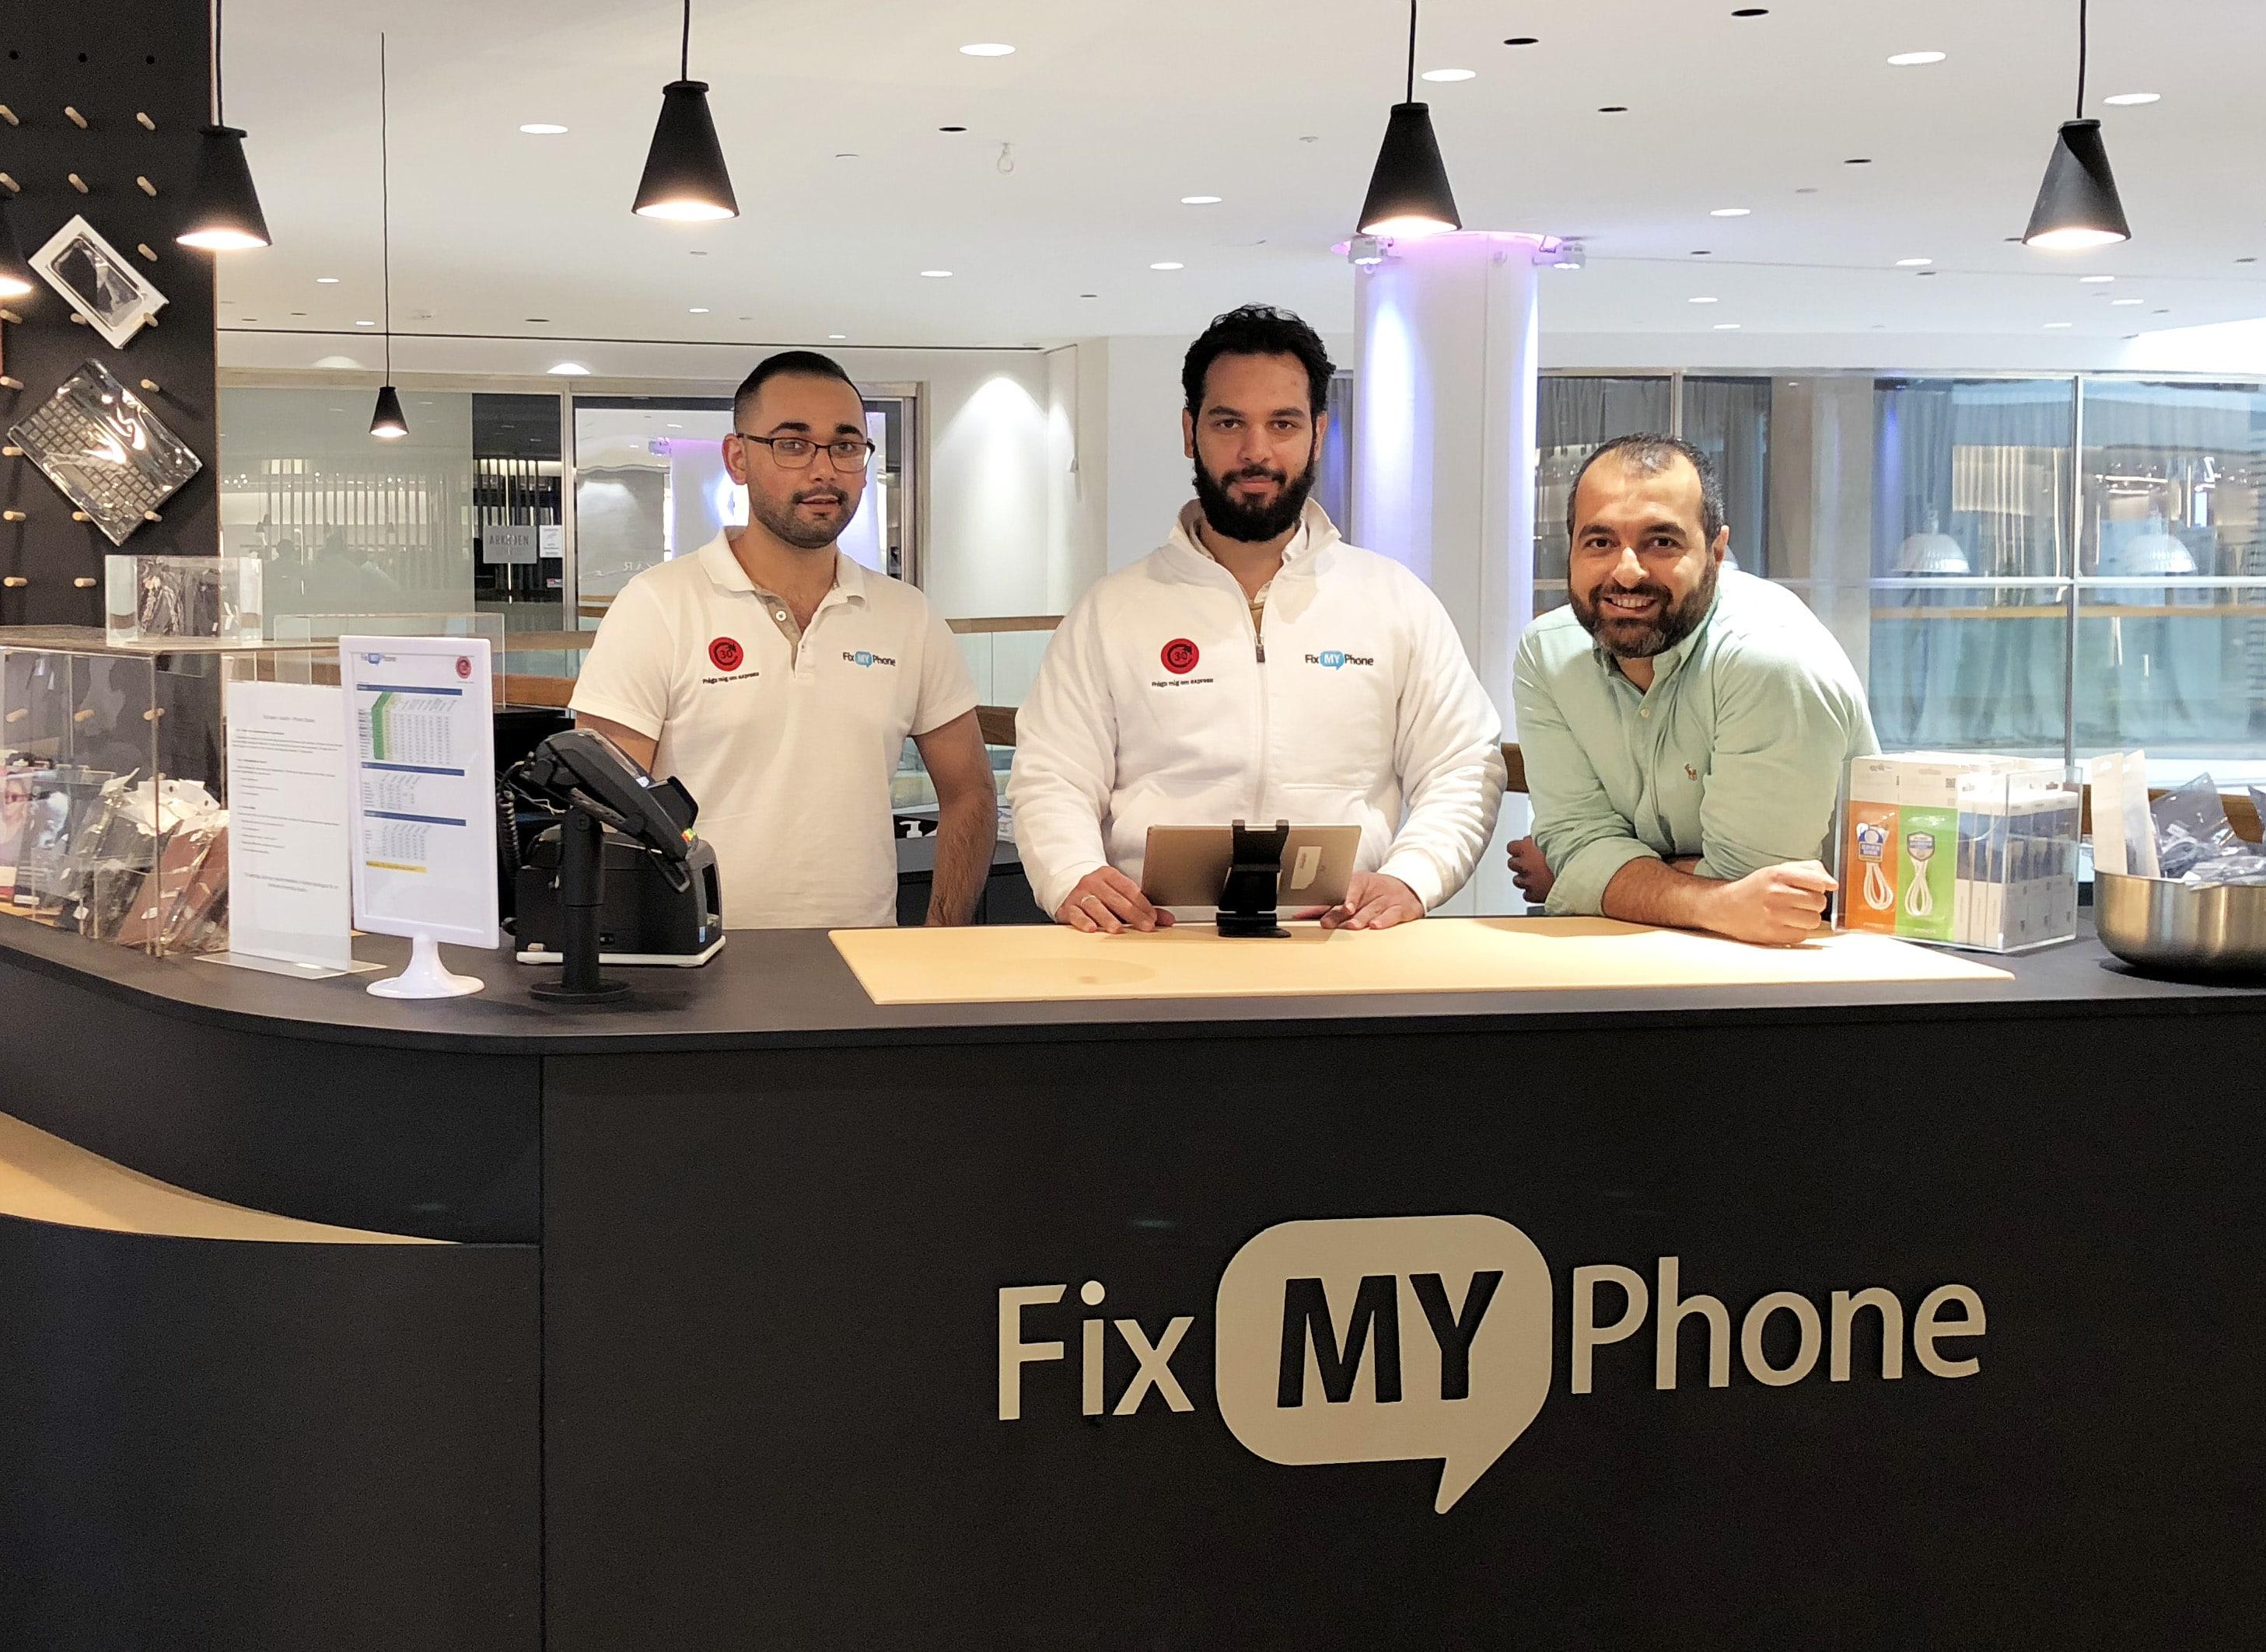 Nu har Fix My Phone anställt tre nyanlända flyktingar till servicebutikerna i Göteborg, efter att de lärt sig hantverket under en praktik.